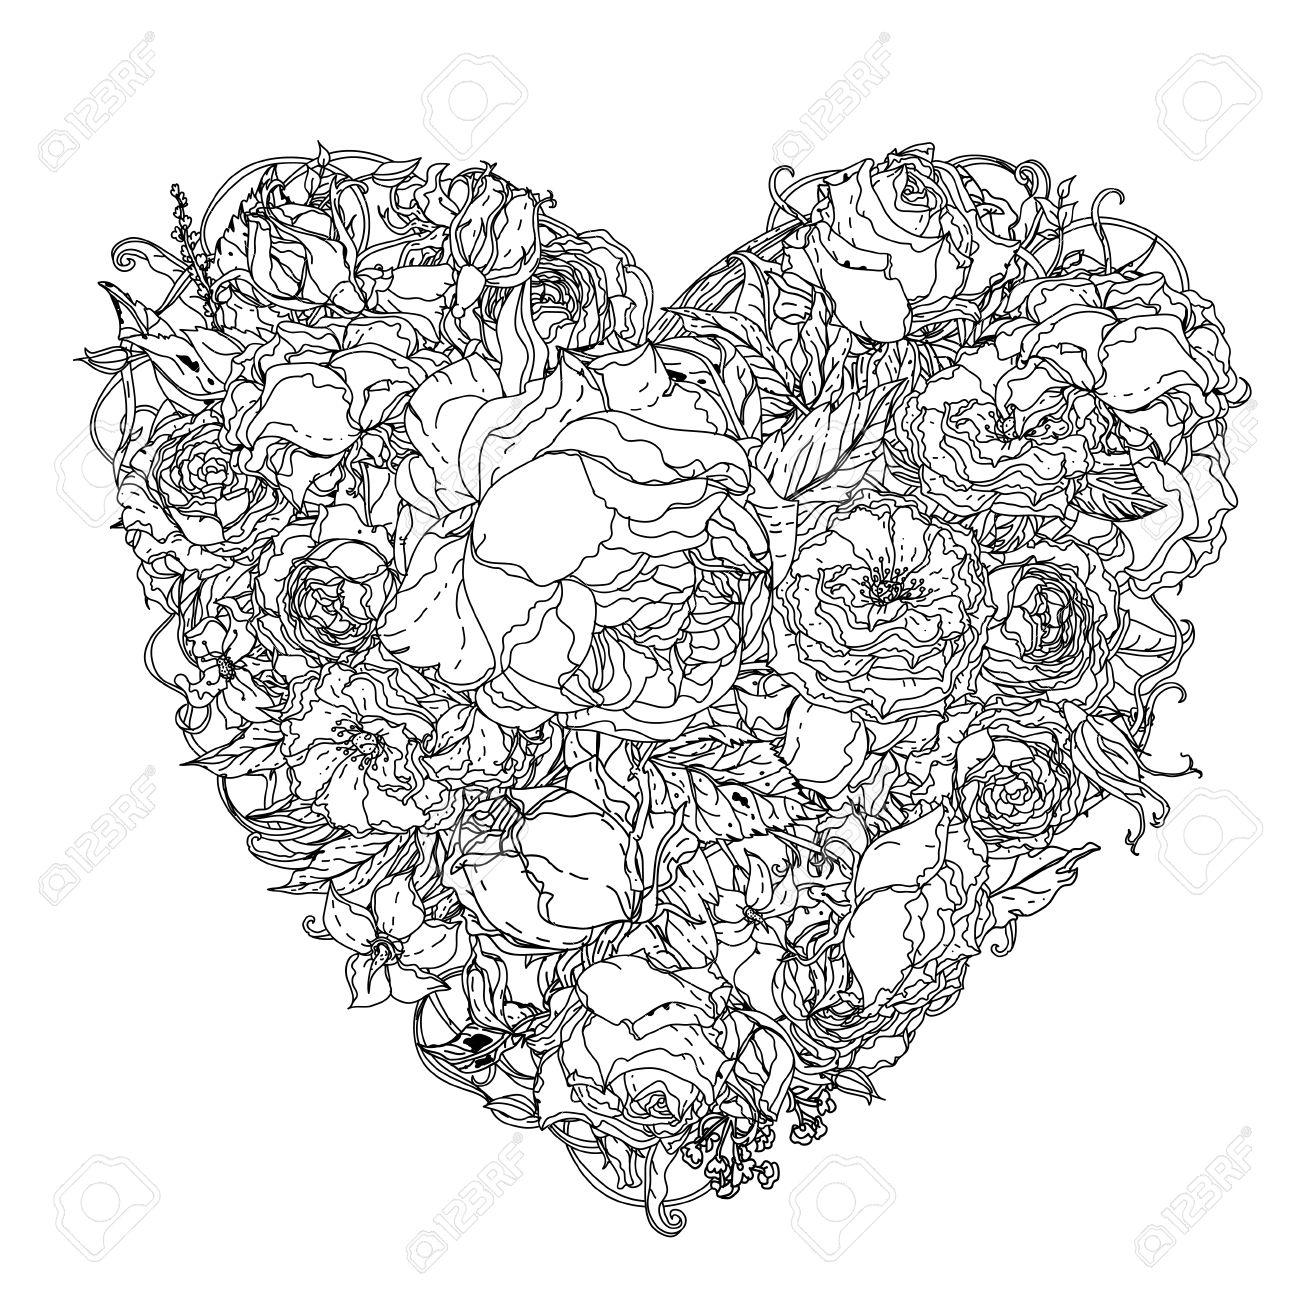 Coloriage Coeur Mariage.Artistiques Roses Non Colorees Livre De Coloriage Syle De Luxe Bouquet En Forme De Coeur Pour Adulte Livre De Coloriage Dans Le Celebre Style Zenart